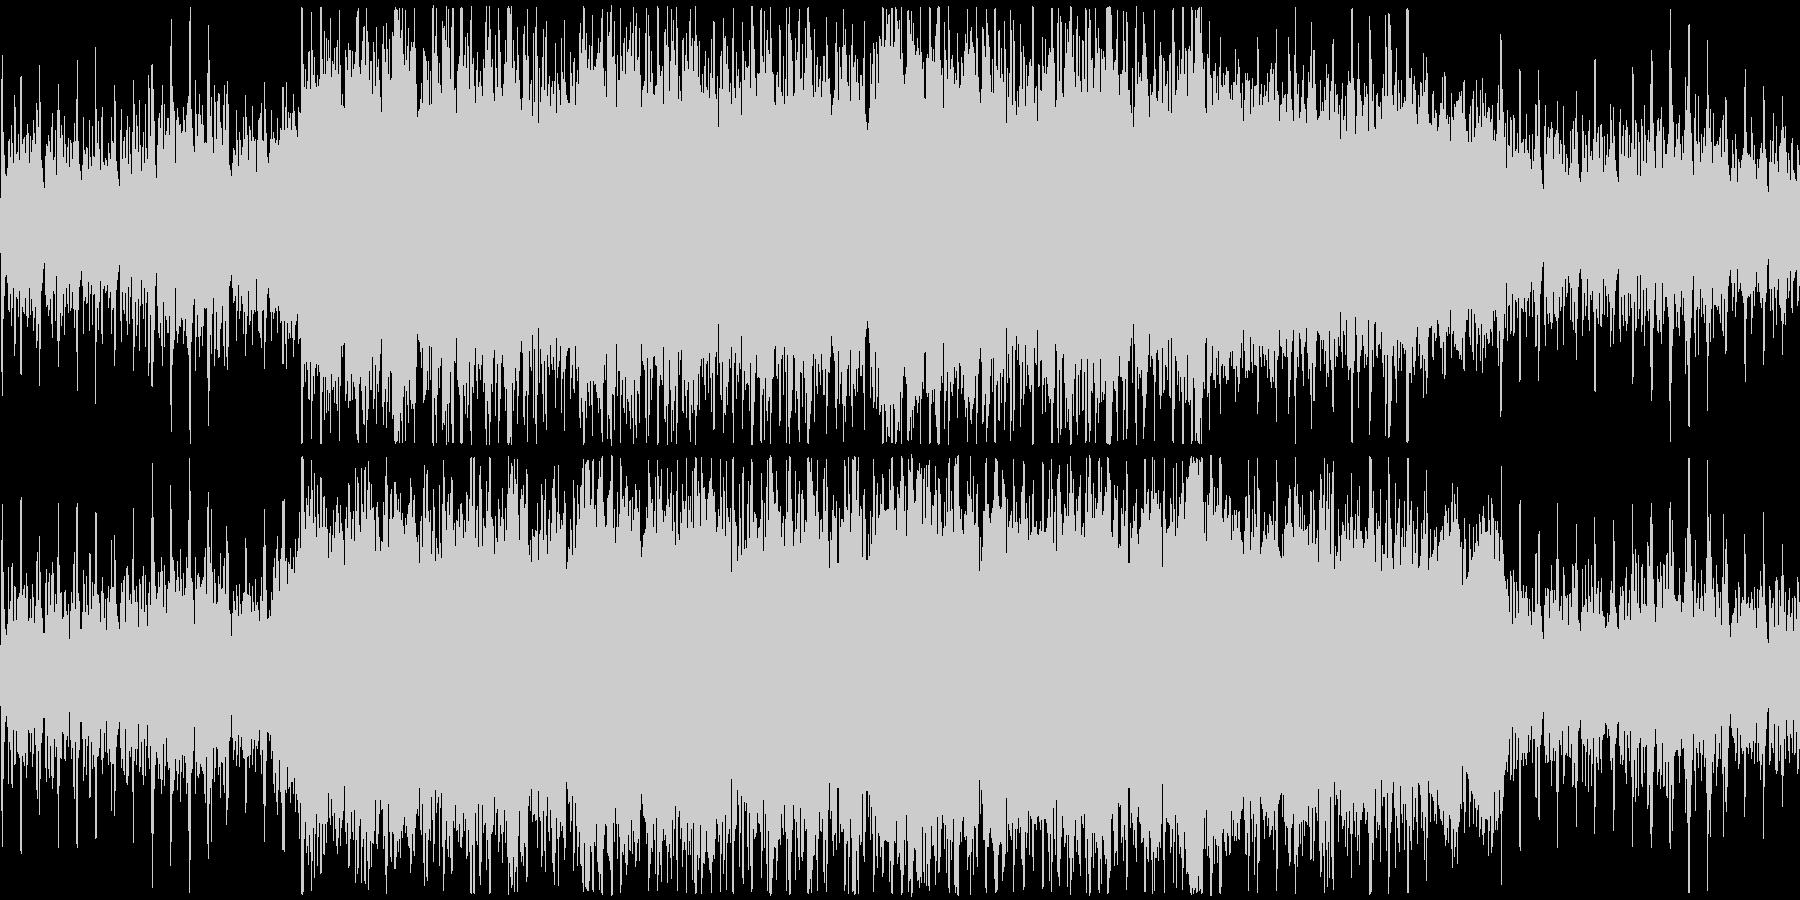 【リズム抜き】壮大で重厚感のあるオケの未再生の波形